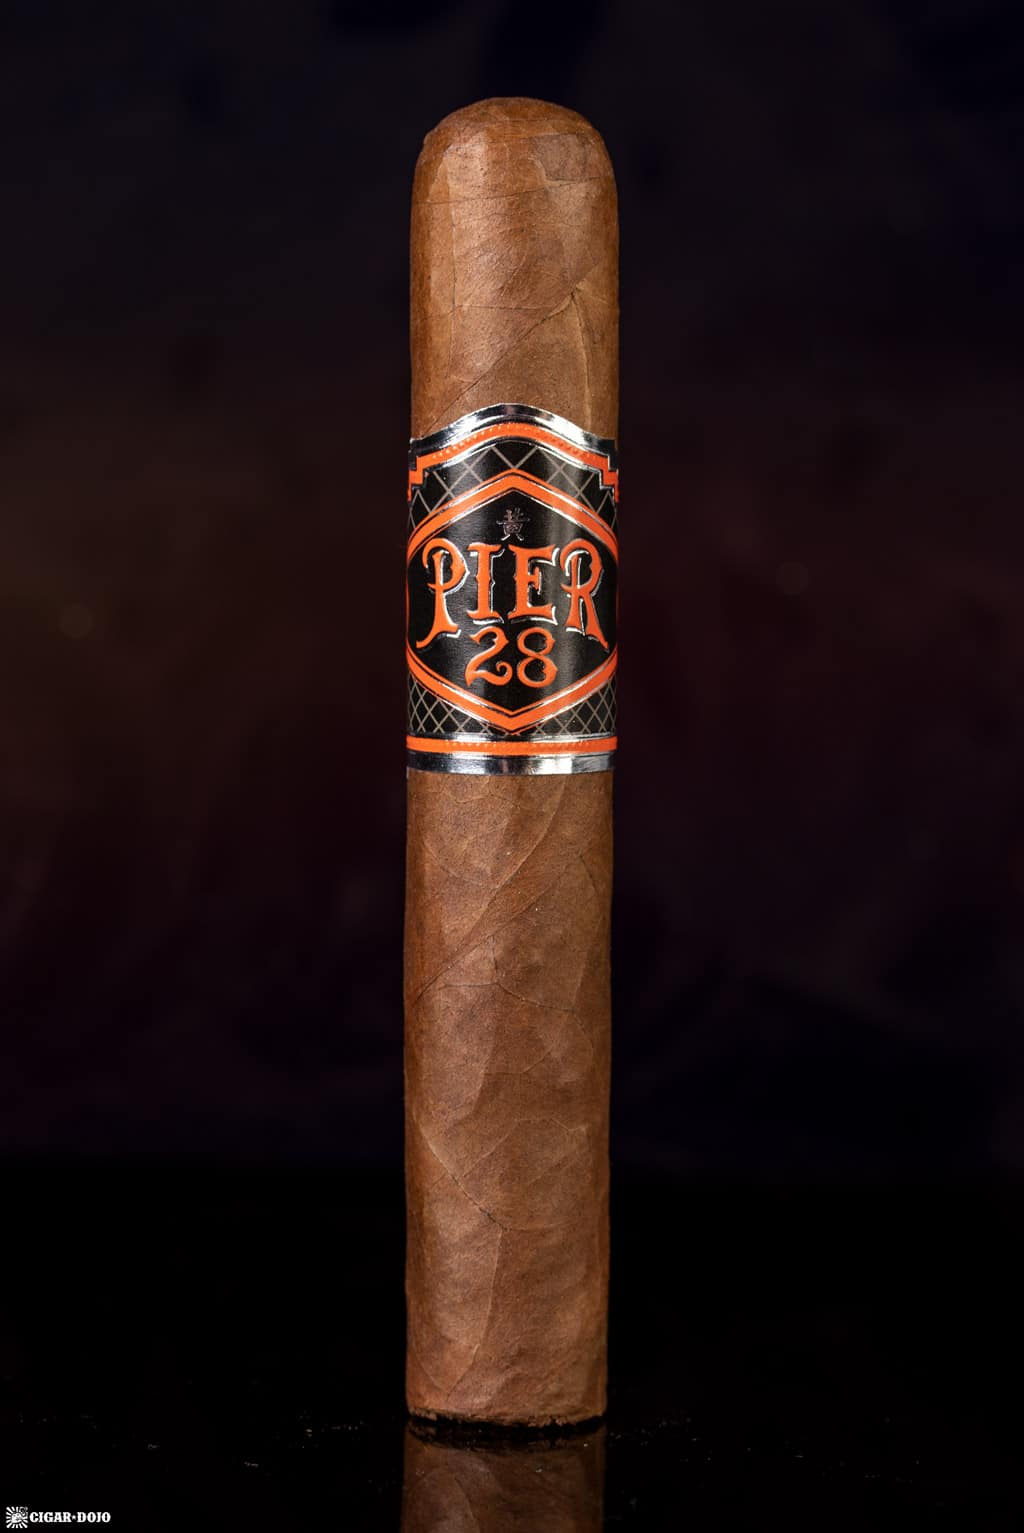 Pier 28 Oscuro Robusto cigar